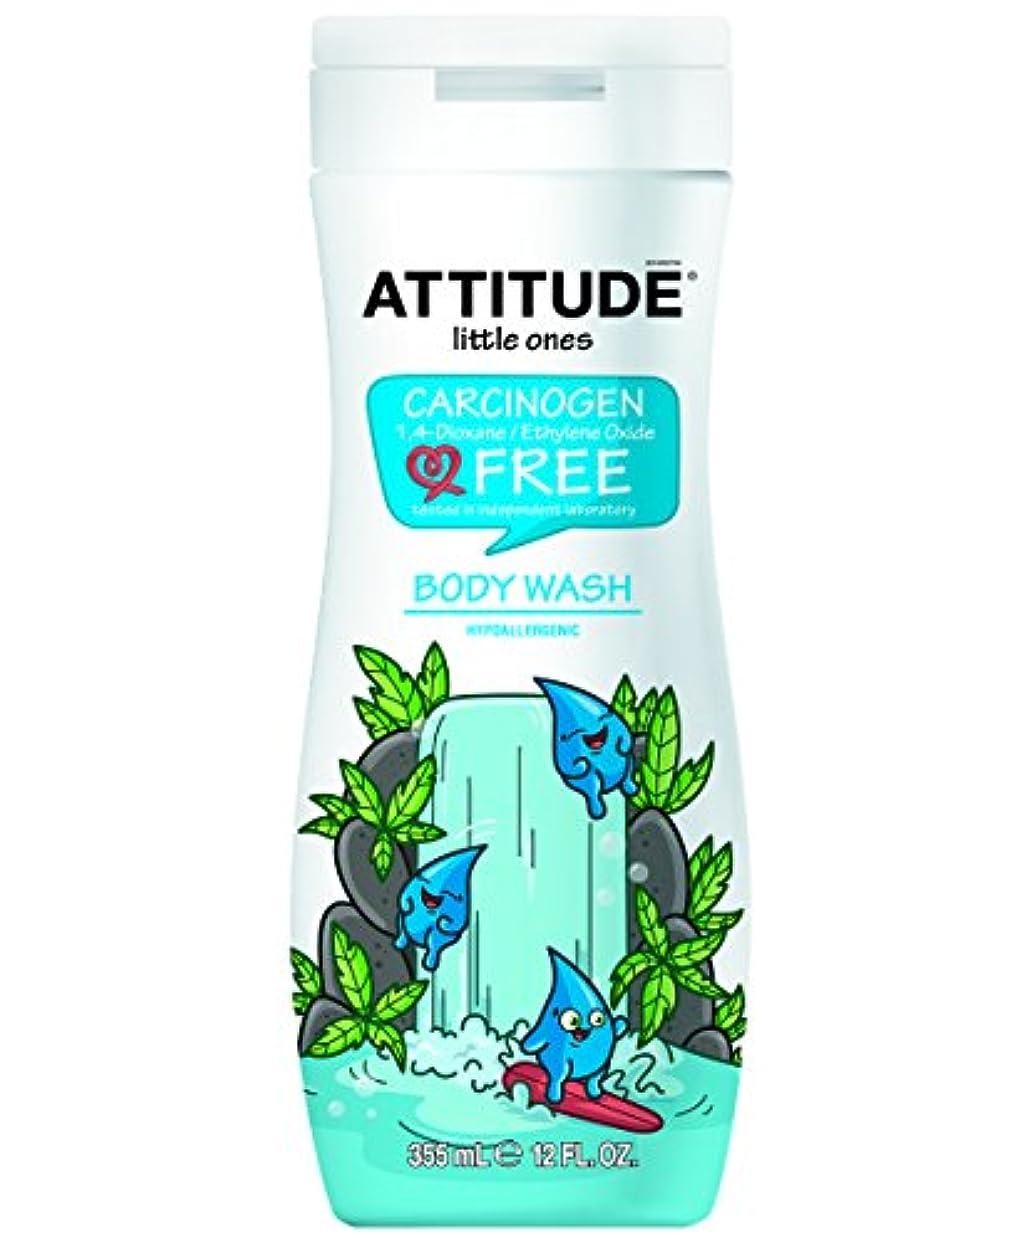 人事妥協動くAttitude Eco Kids Hypoallergenic Body Wash (355ml) 姿勢エコキッズ低刺激性ボディウォッシュ( 355ミリリットル)